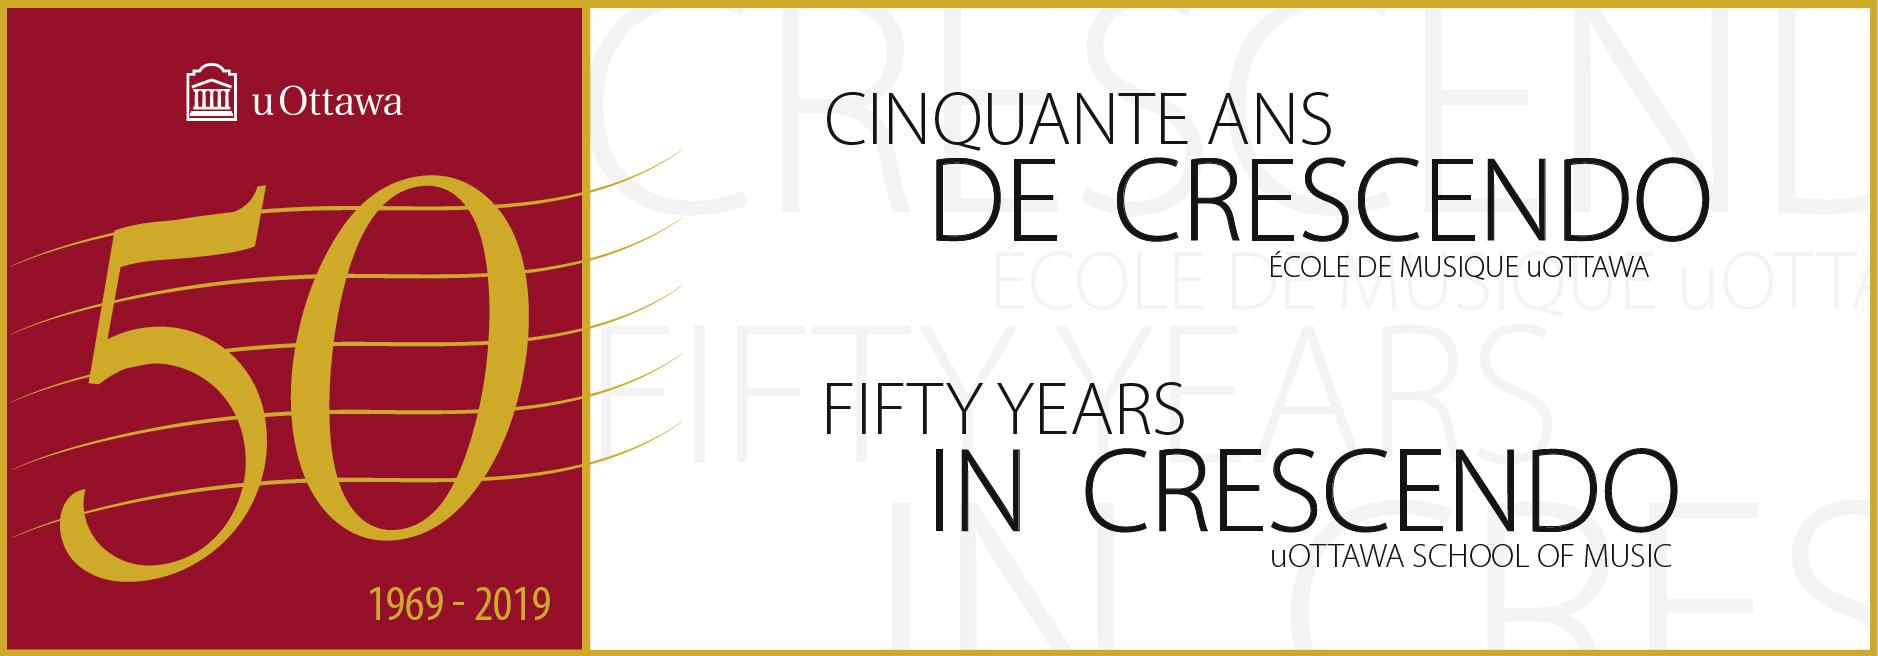 Musique - 50e anniversaire - Crescendo